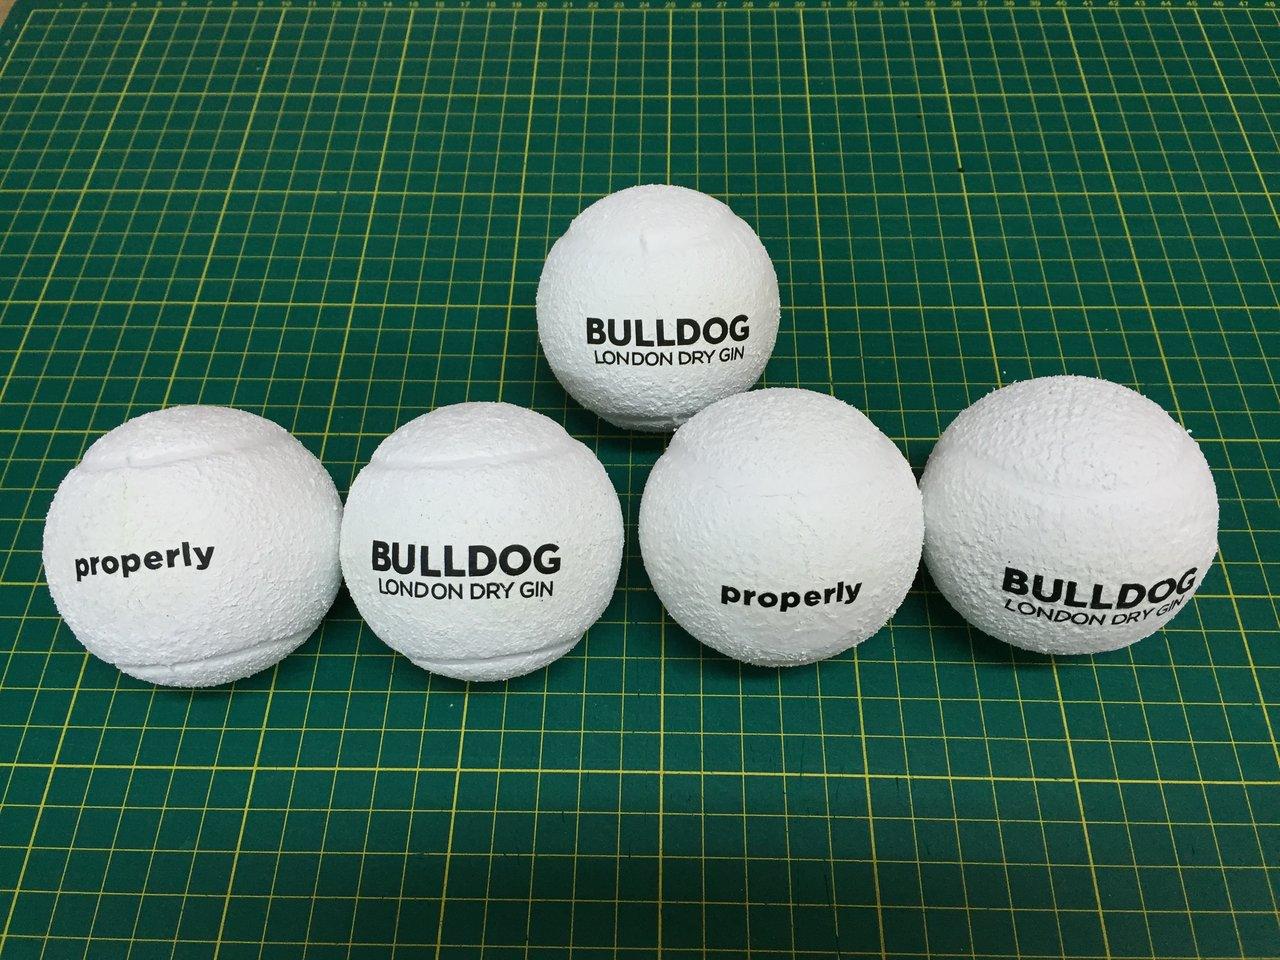 d177696ab Balónes y pelotas - personalizar - marcar - futbol - baloncesto ...